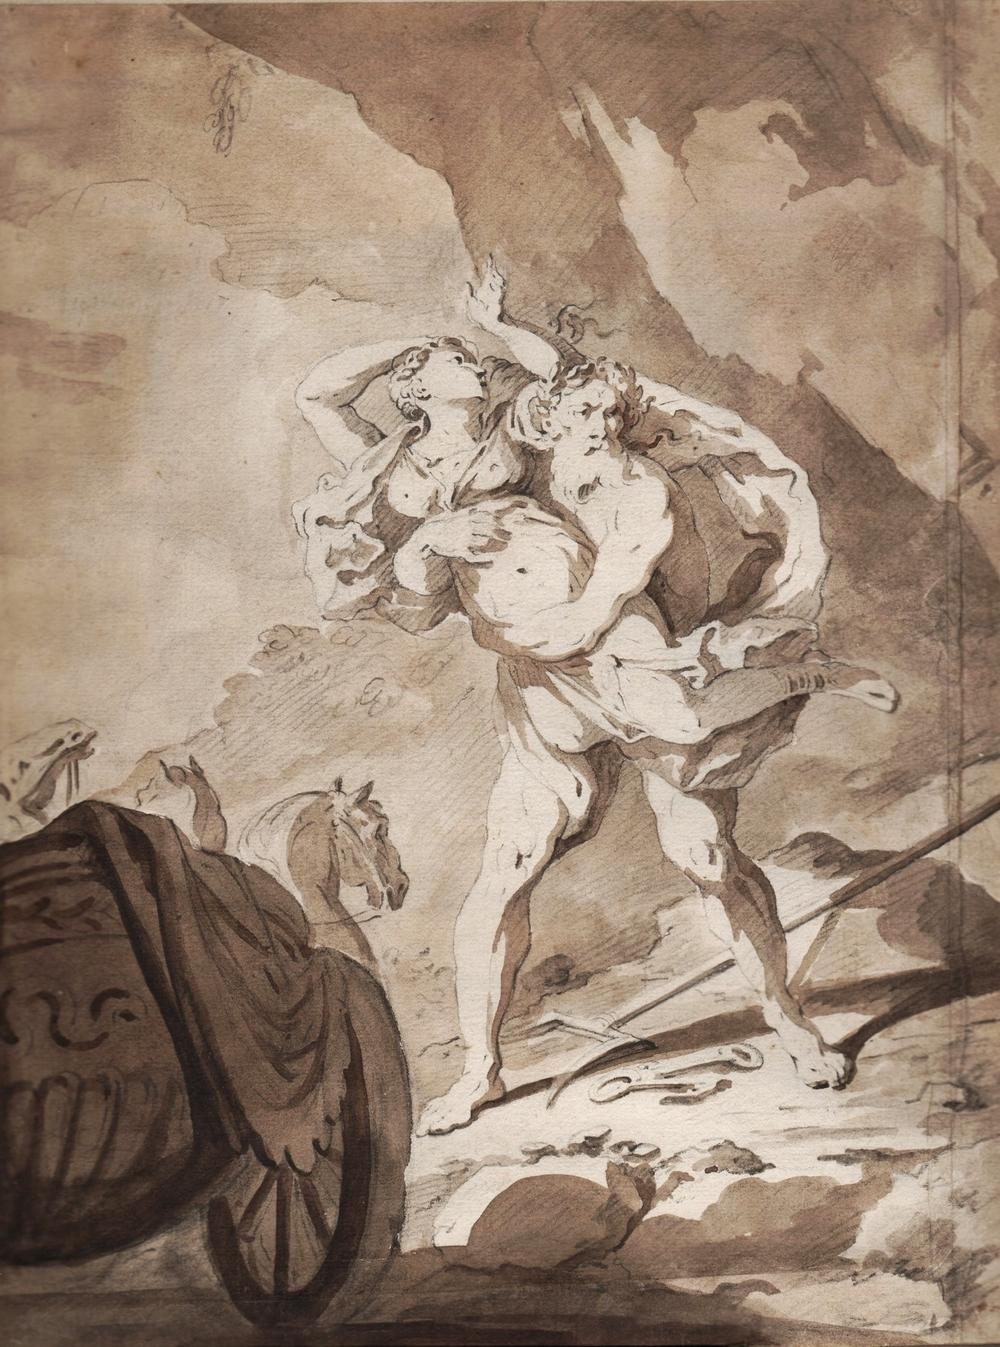 Attributed to NICOLA MARIA ROSSI.  (Naples 1690-1758).  Pluto Abducting Proserpine.